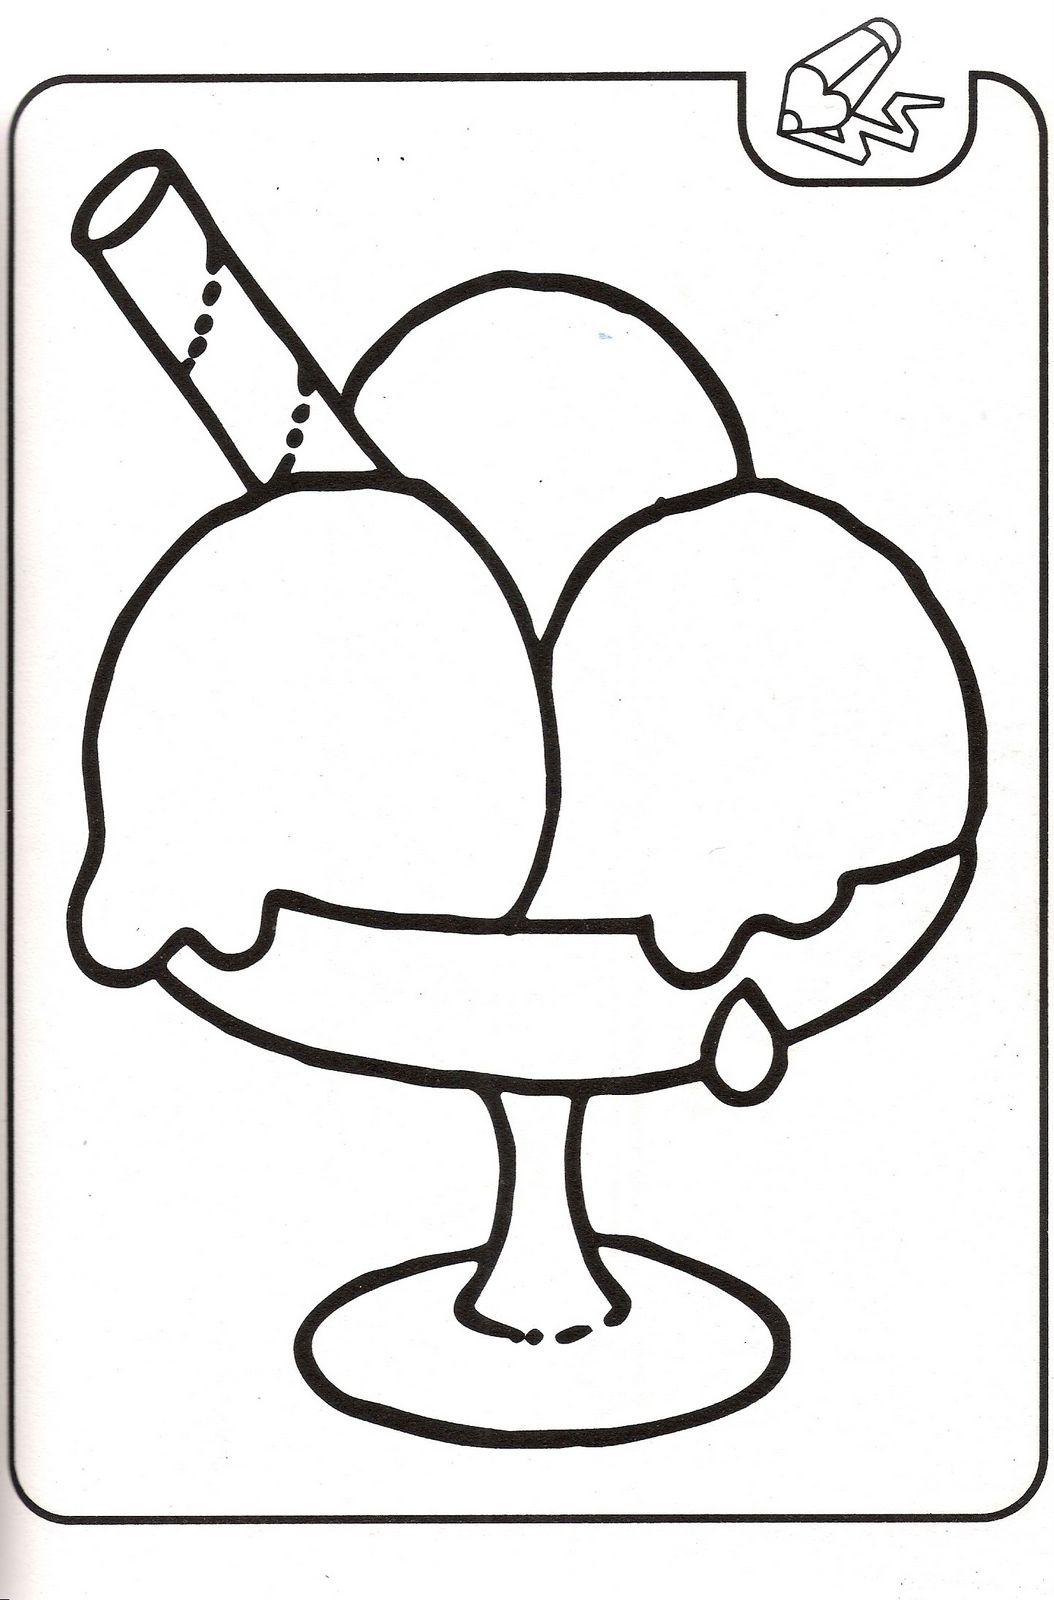 Dibujos para colorear Dibujos de helado para colorear